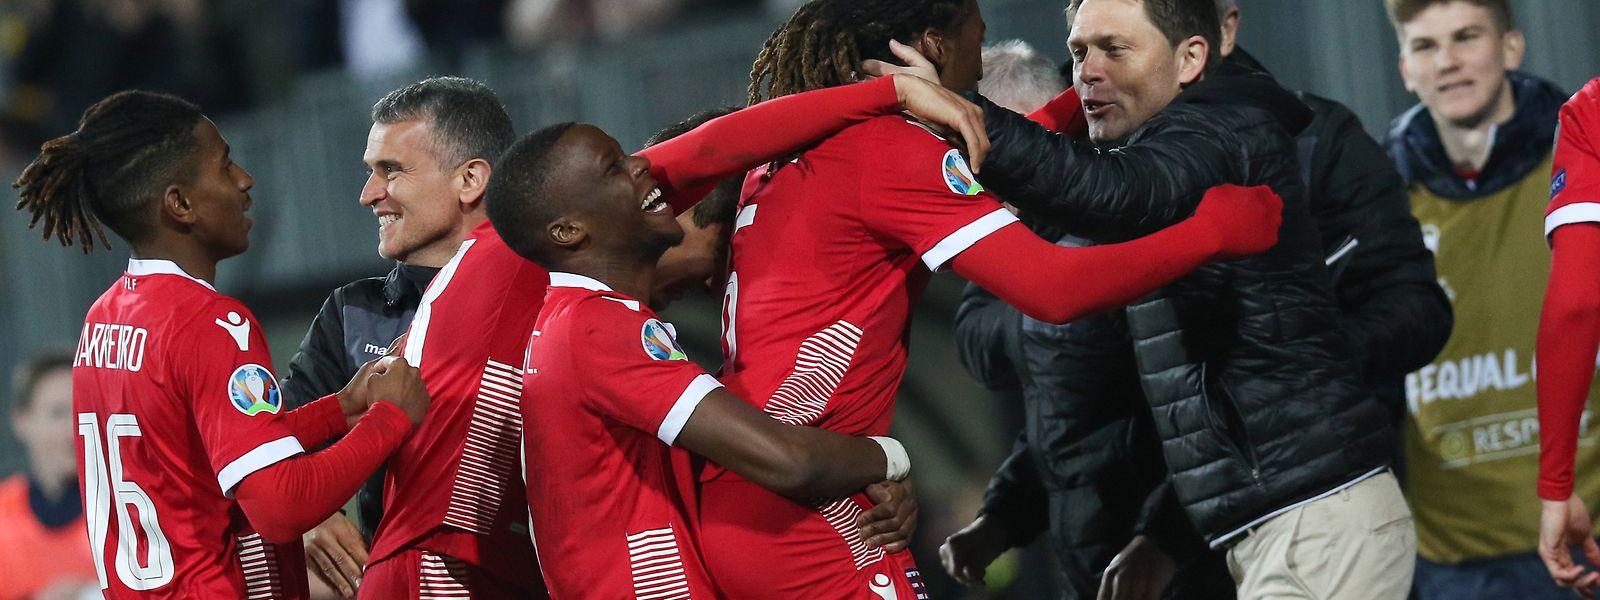 C'est la folie sur le banc luxembourgeois: Gerson Rodrigues vient de donner l'avantage aux Roud Léiwen.